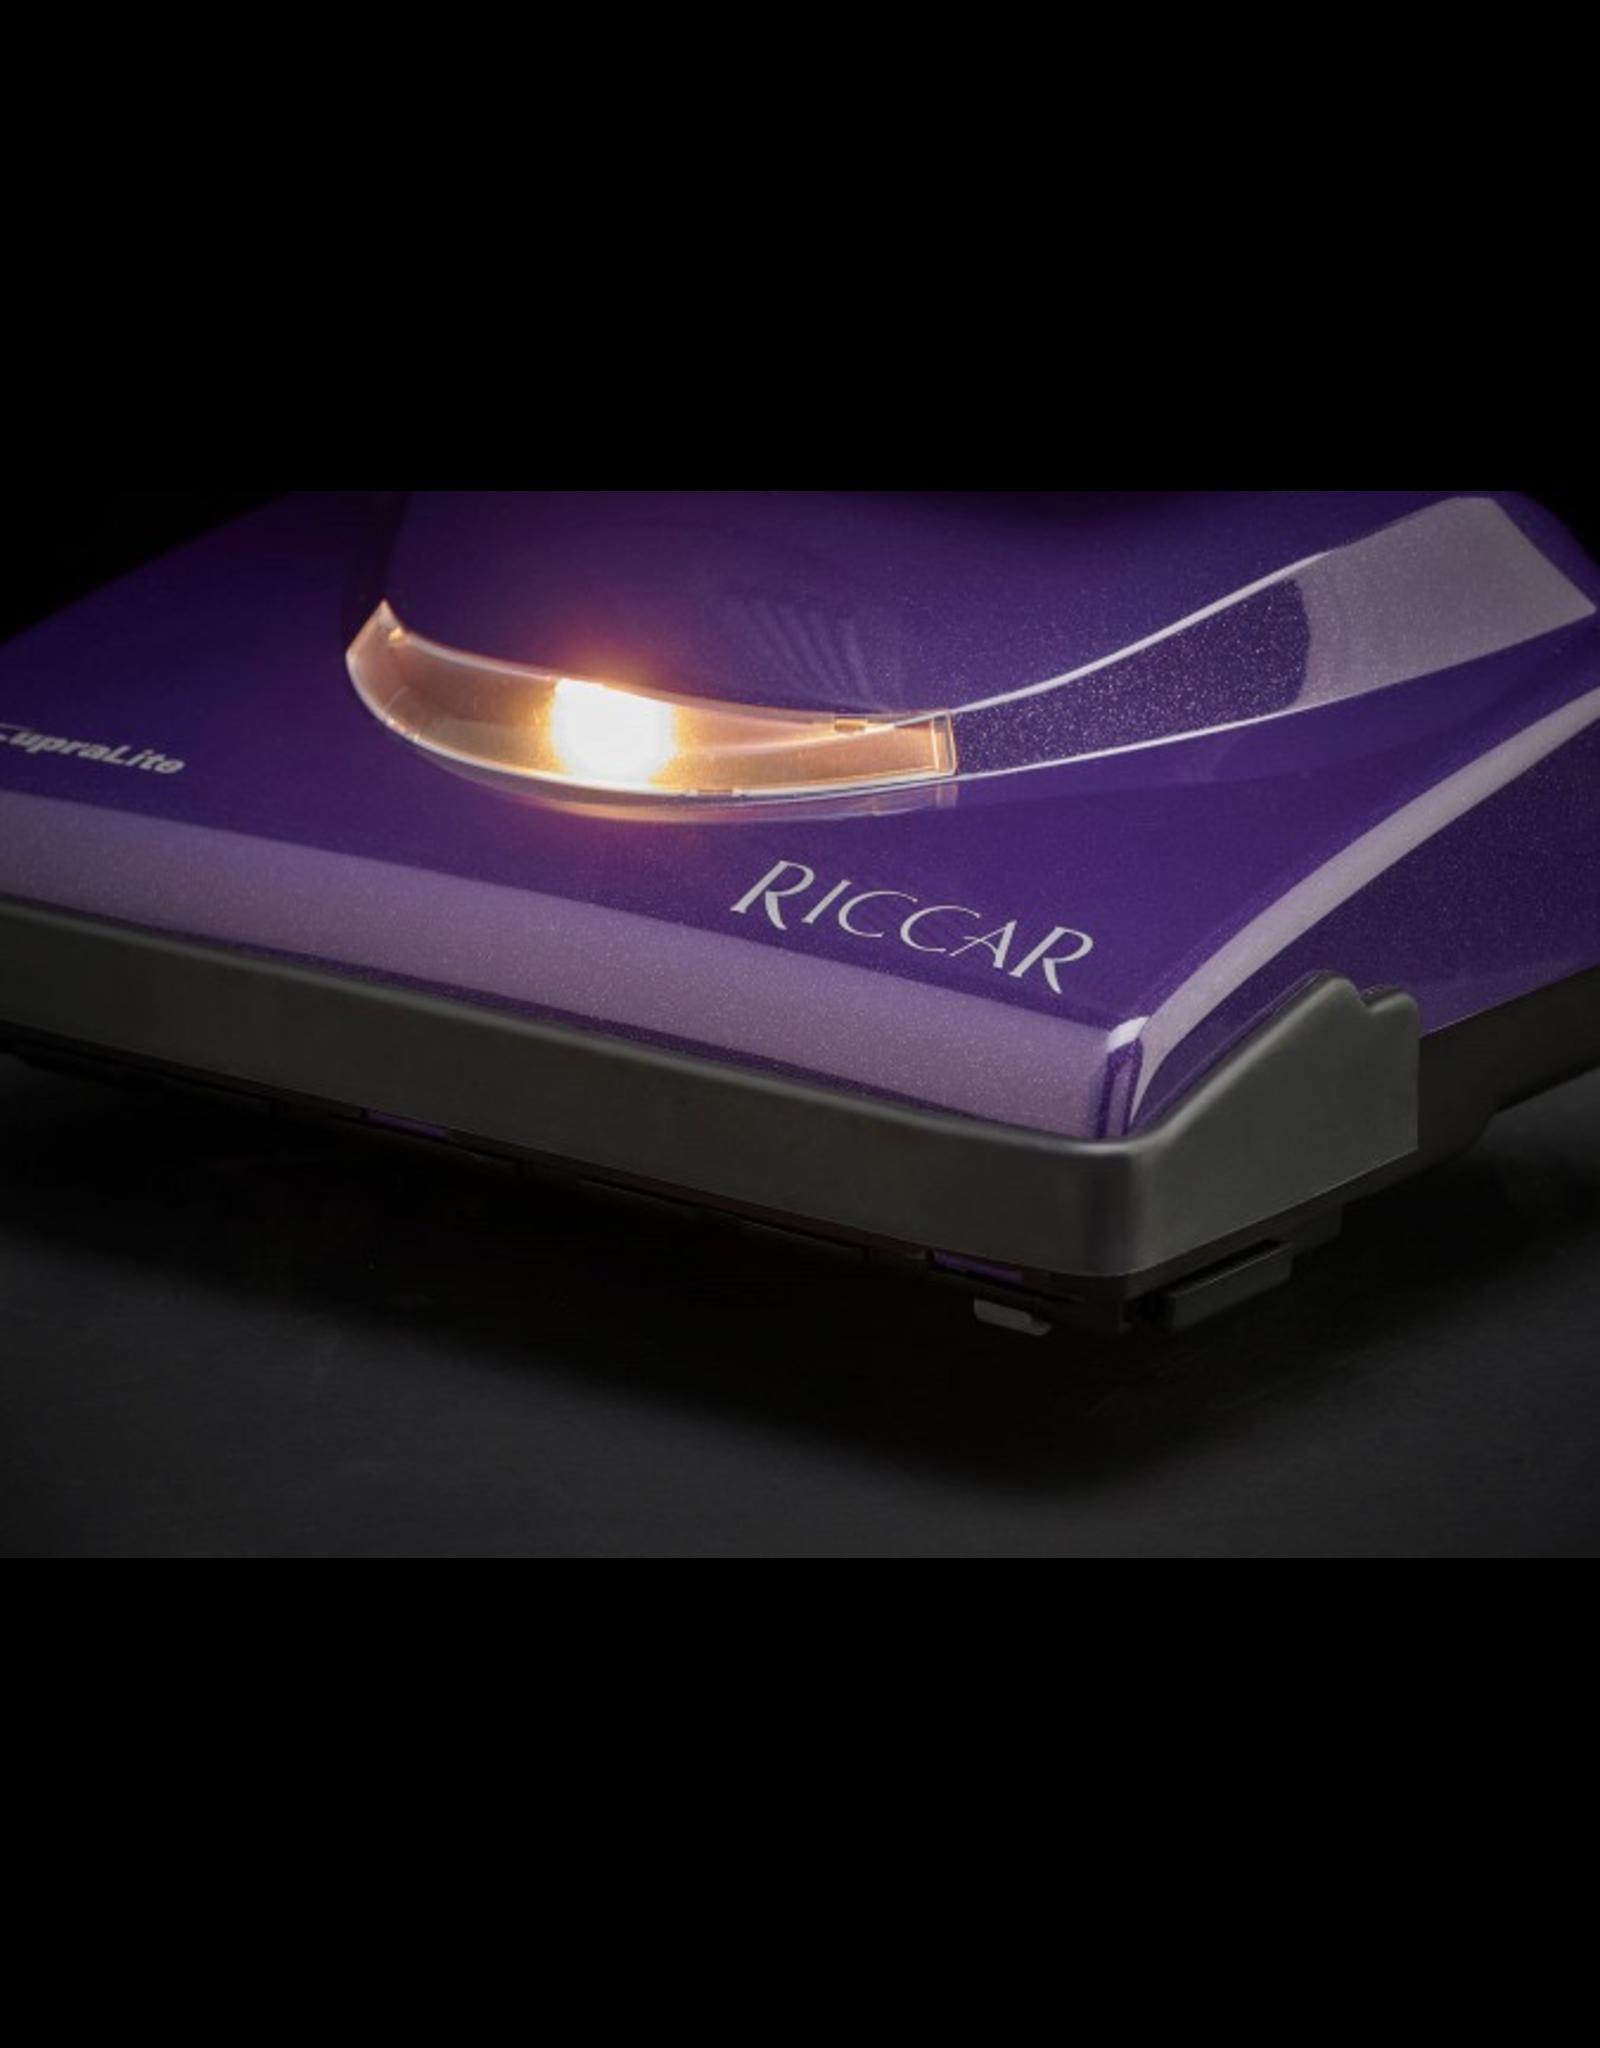 Riccar Riccar SupraLite Standard Upright Vacuum - R10S